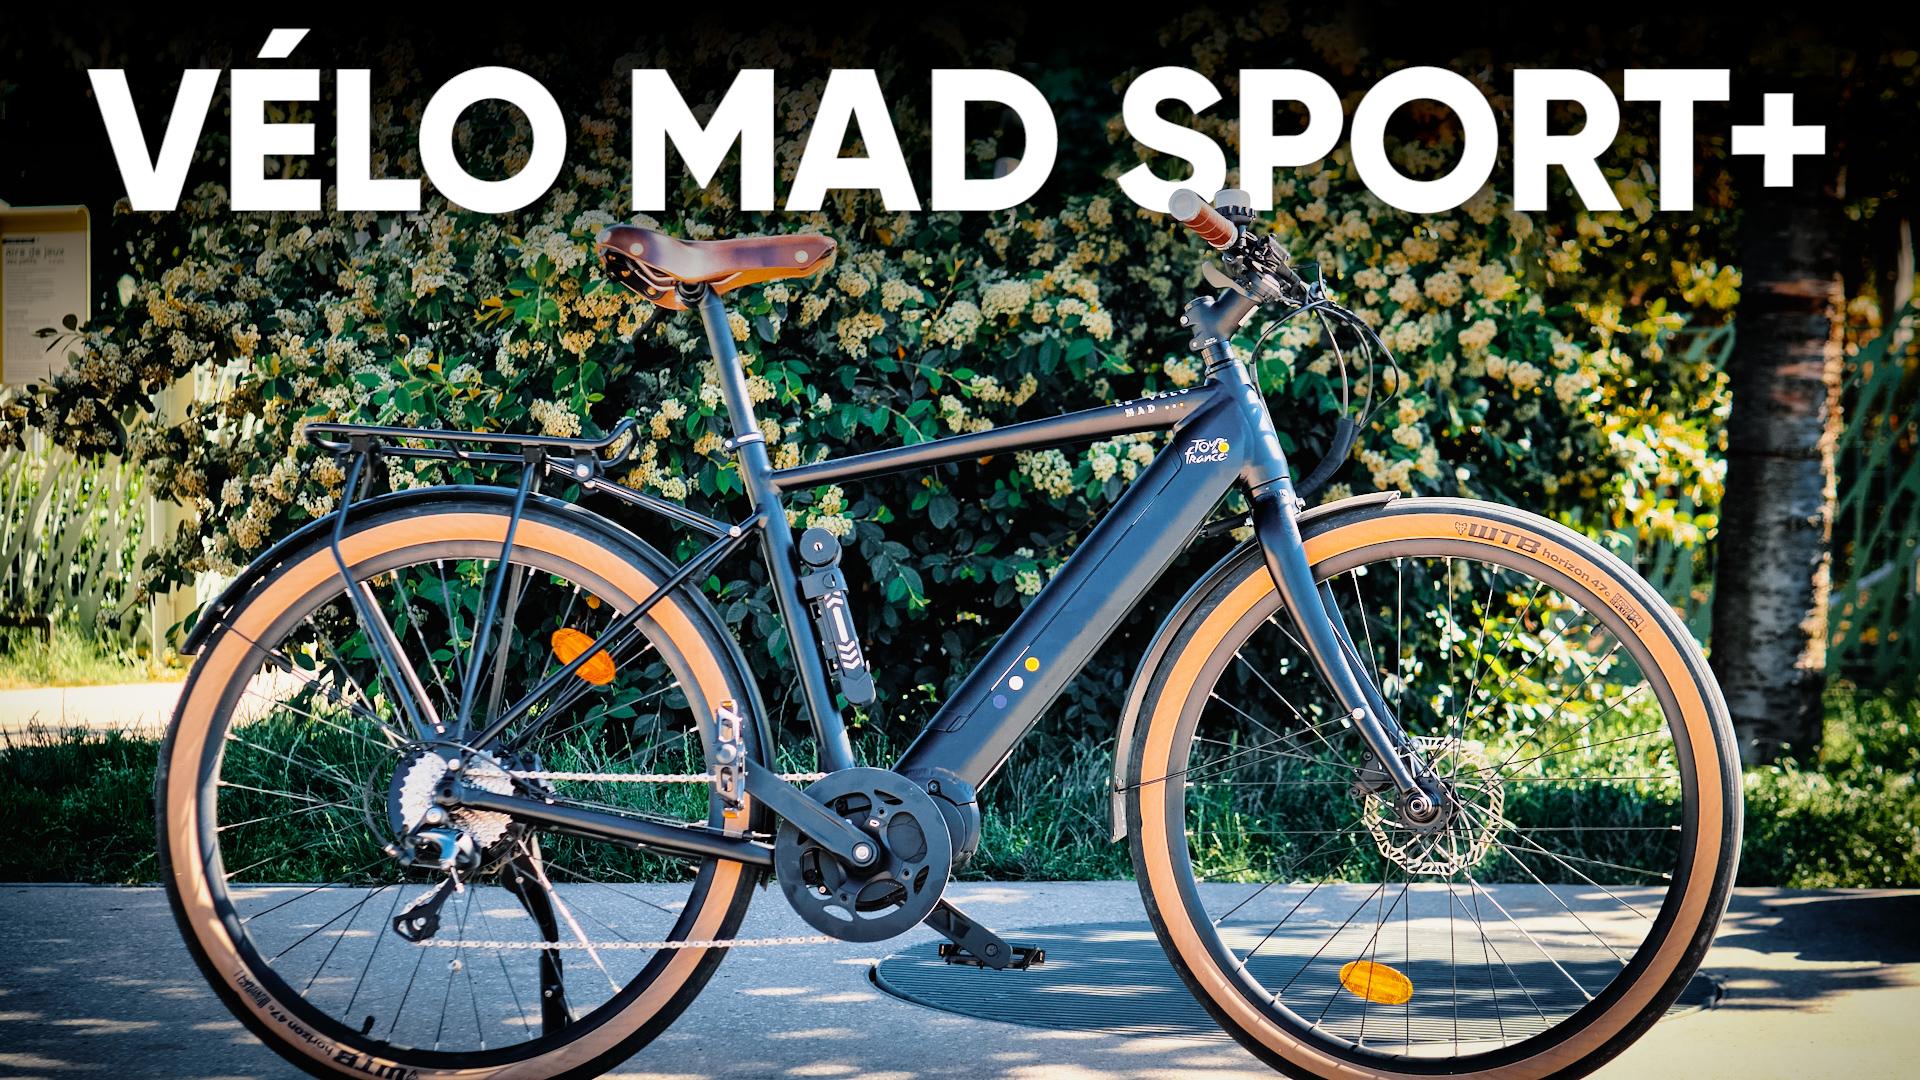 Test du Vélo Mad Sport+ : un très bon vélo électrique accessible